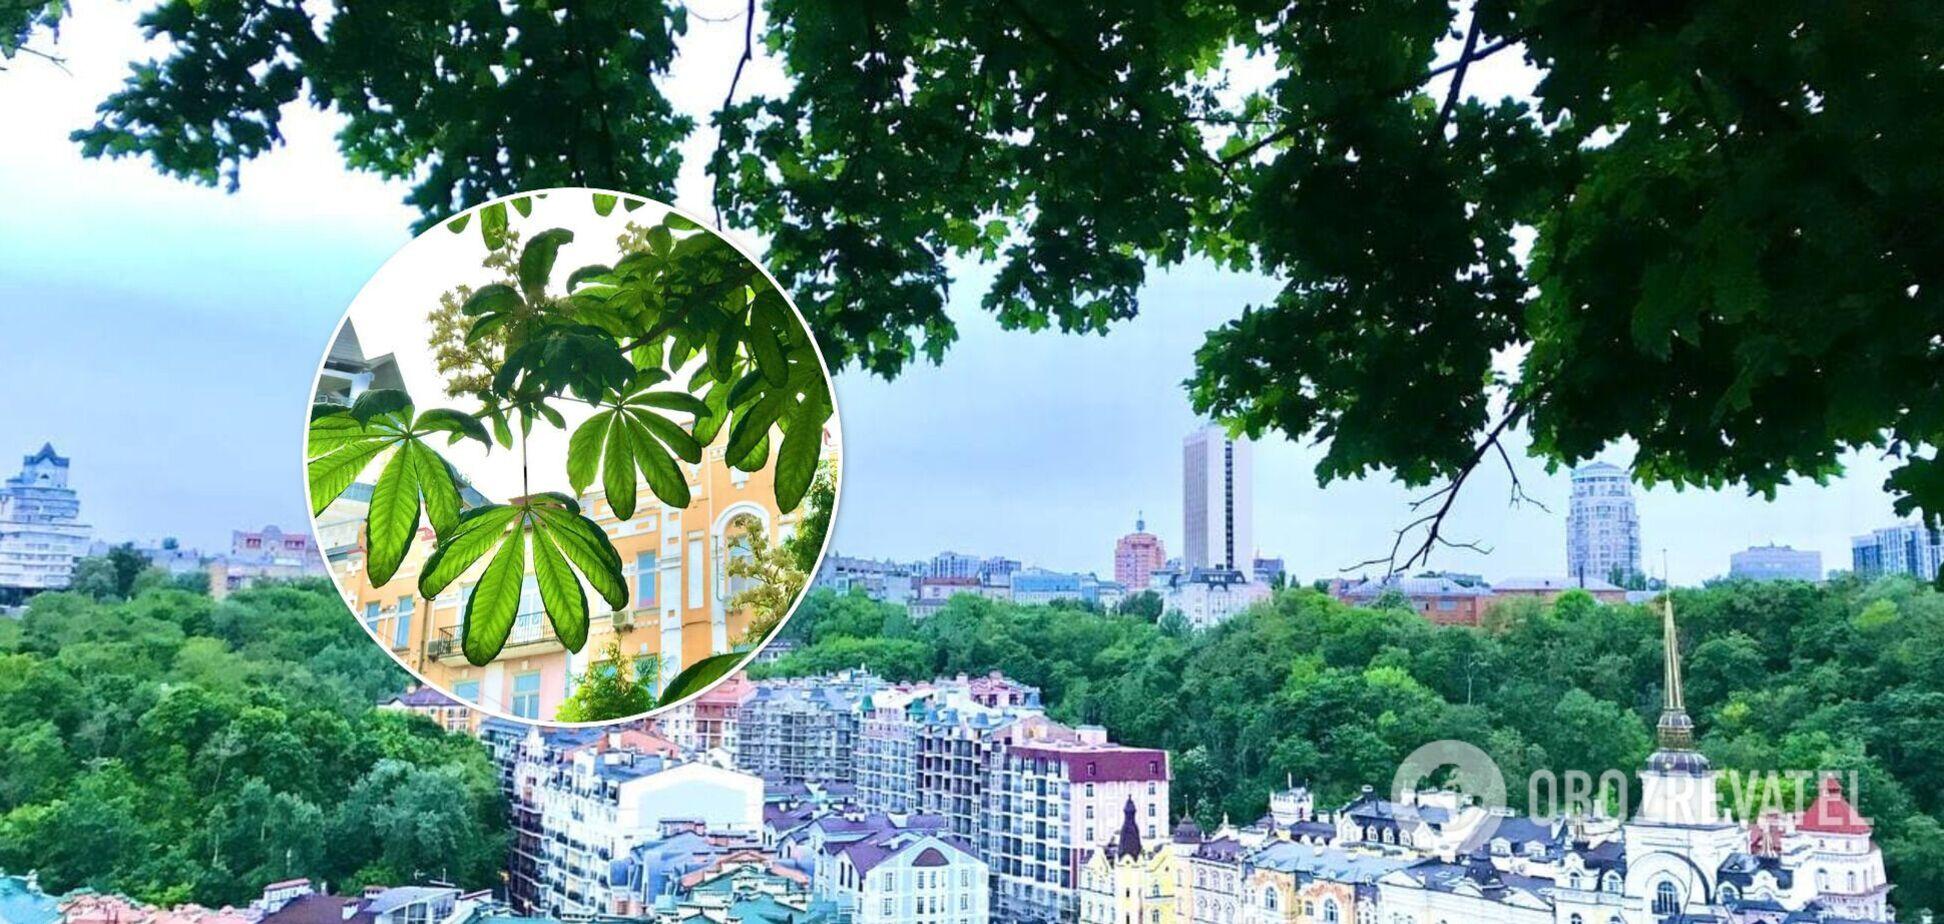 Каштанів стало менше, а кленів більше: у Києві розповіли про найпоширеніші дерева столиці